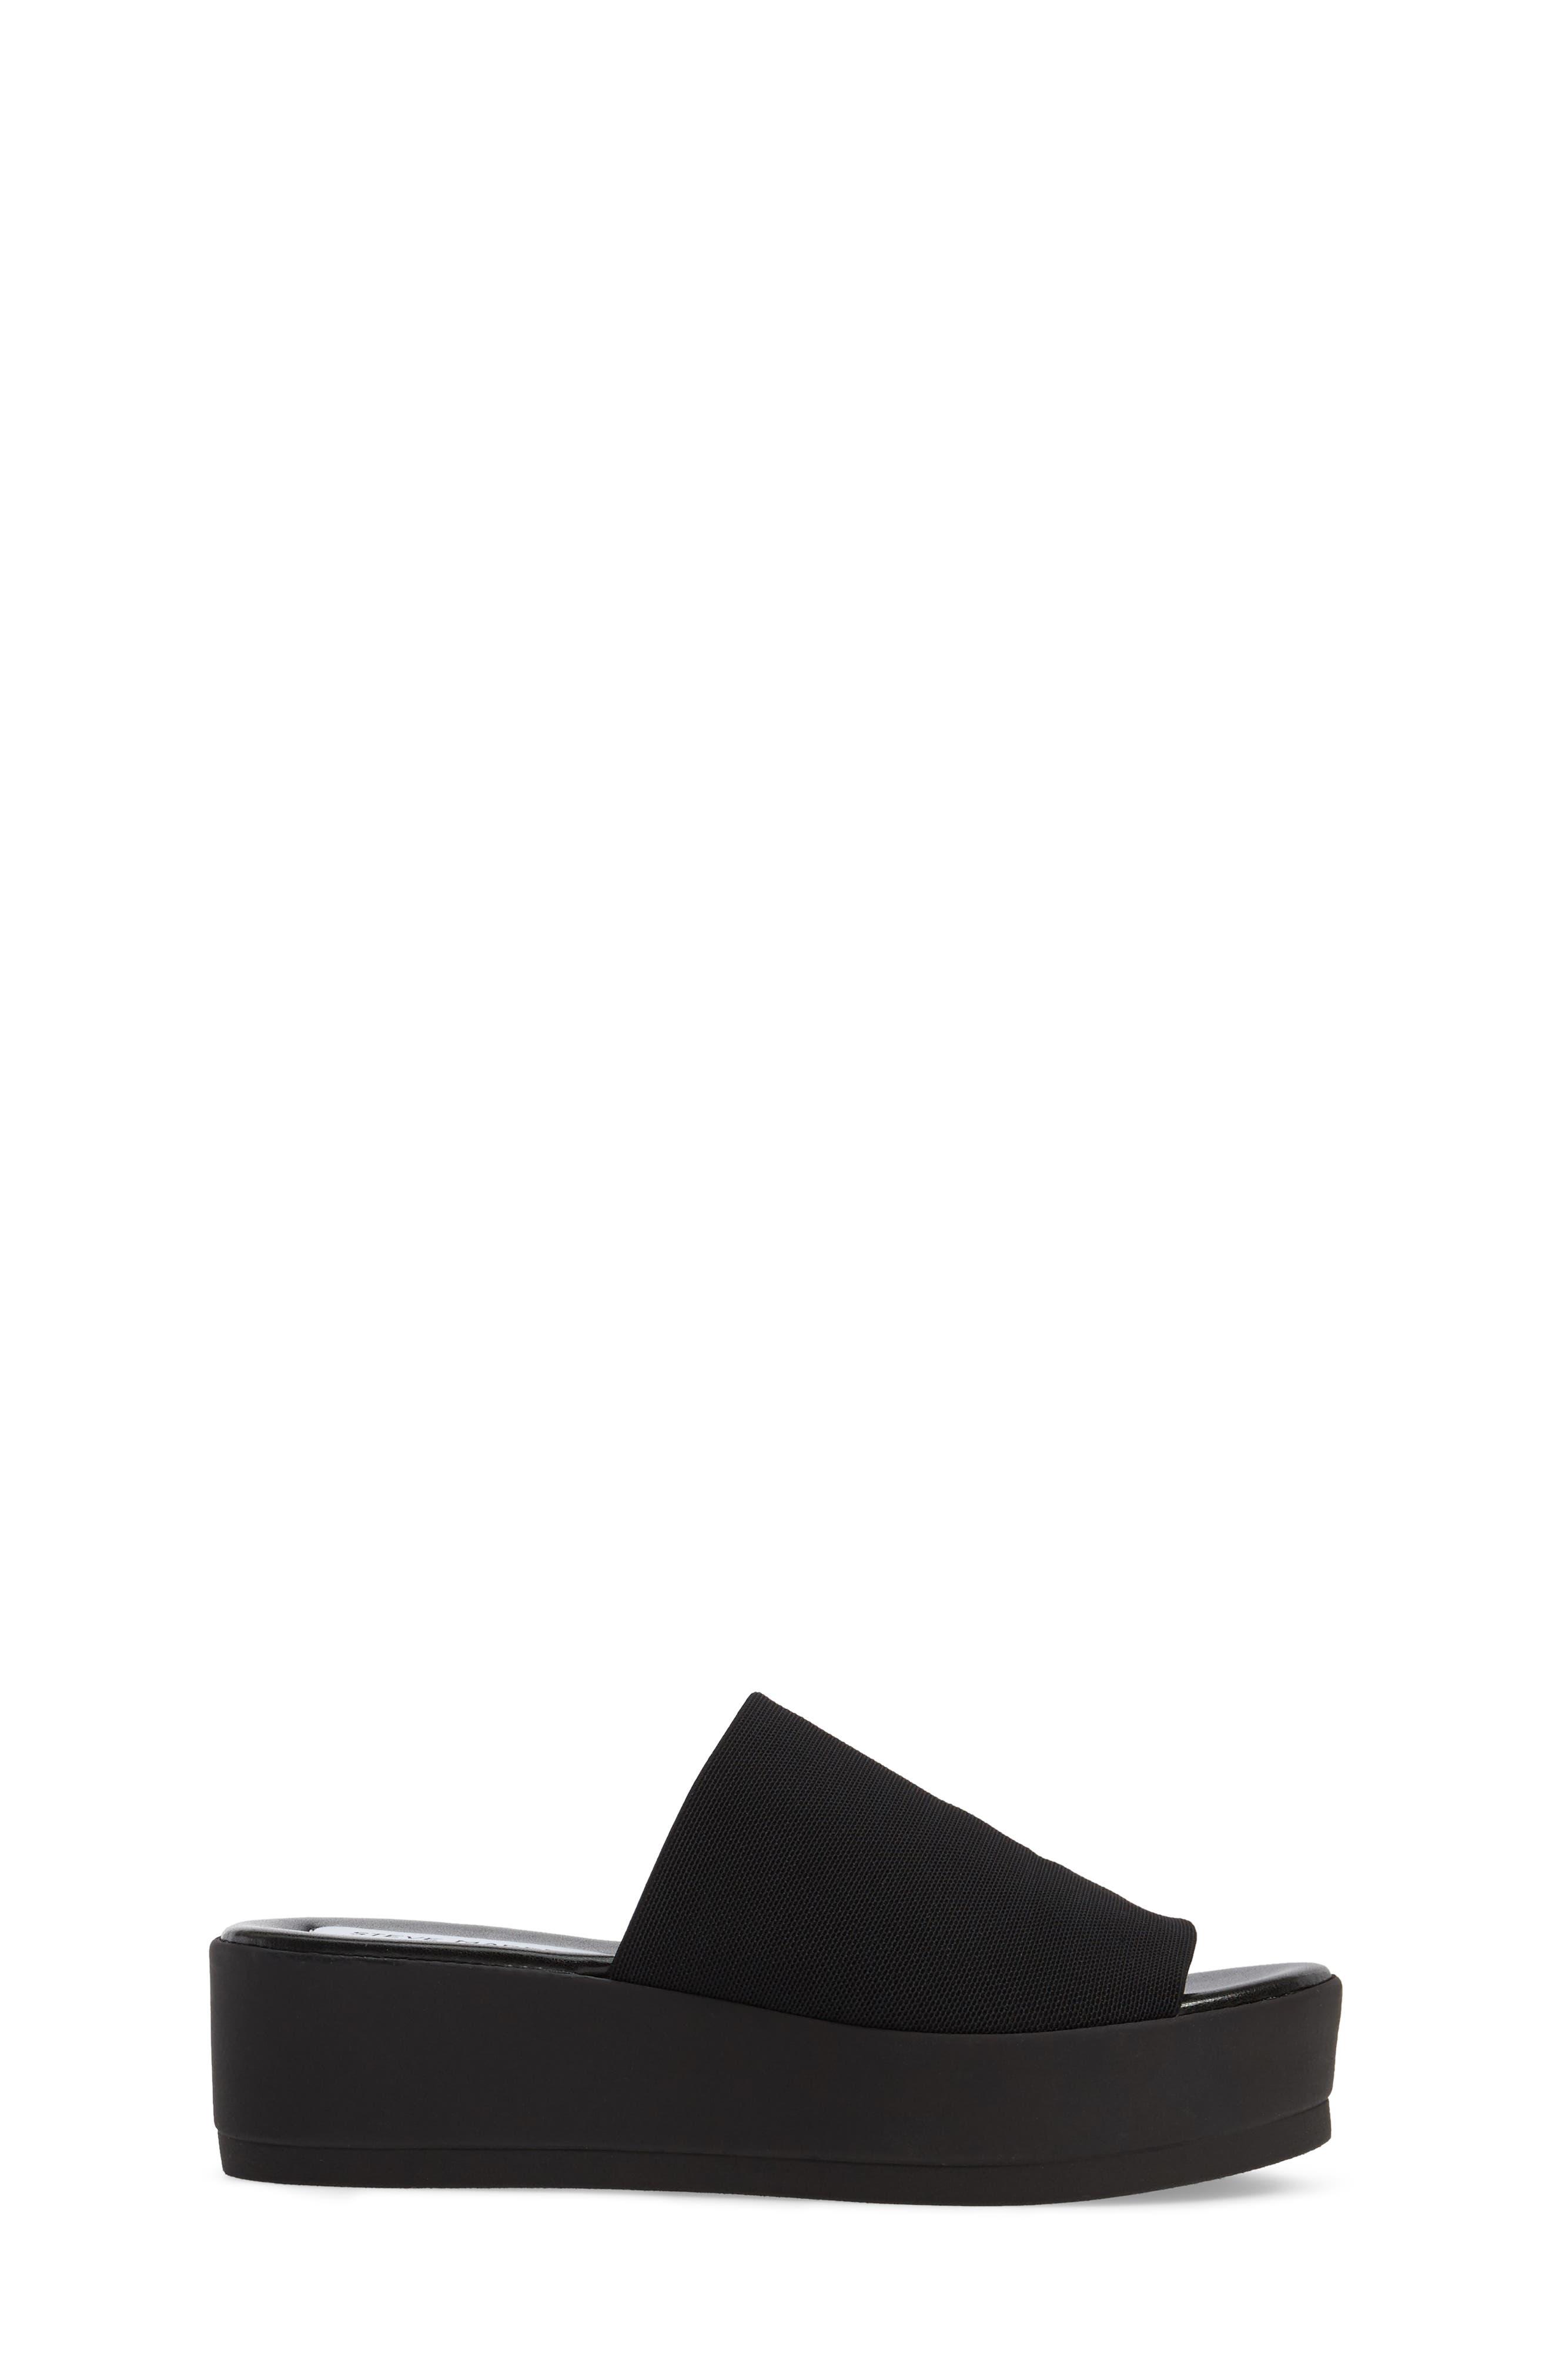 Jslinky Platform Slide Sandal,                             Alternate thumbnail 3, color,                             Black